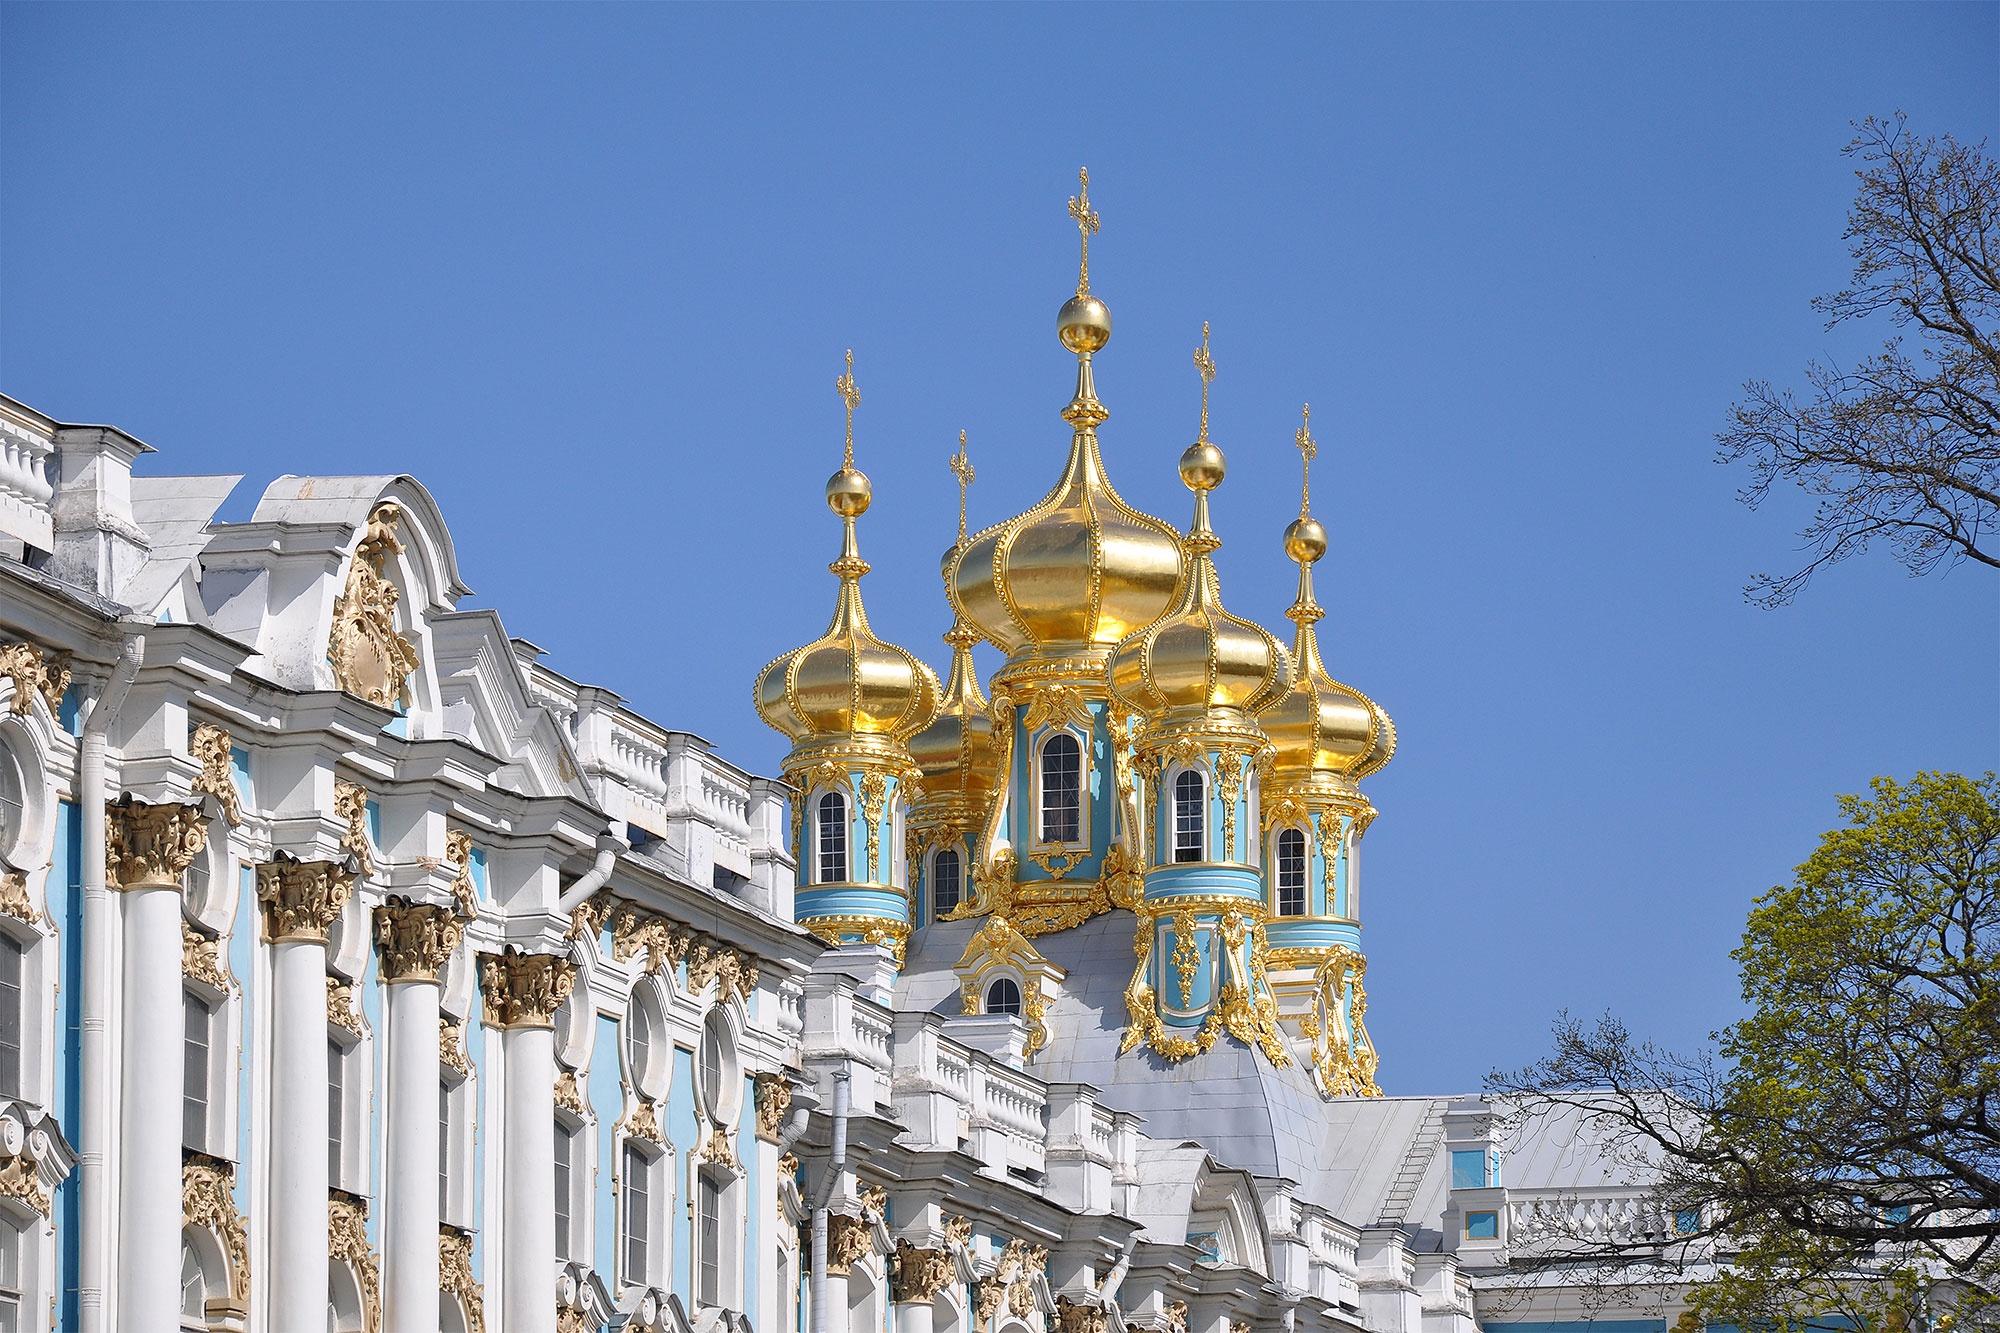 Церковь Воскресения Христова в Екатерининском дворце, Пушкин, Россия